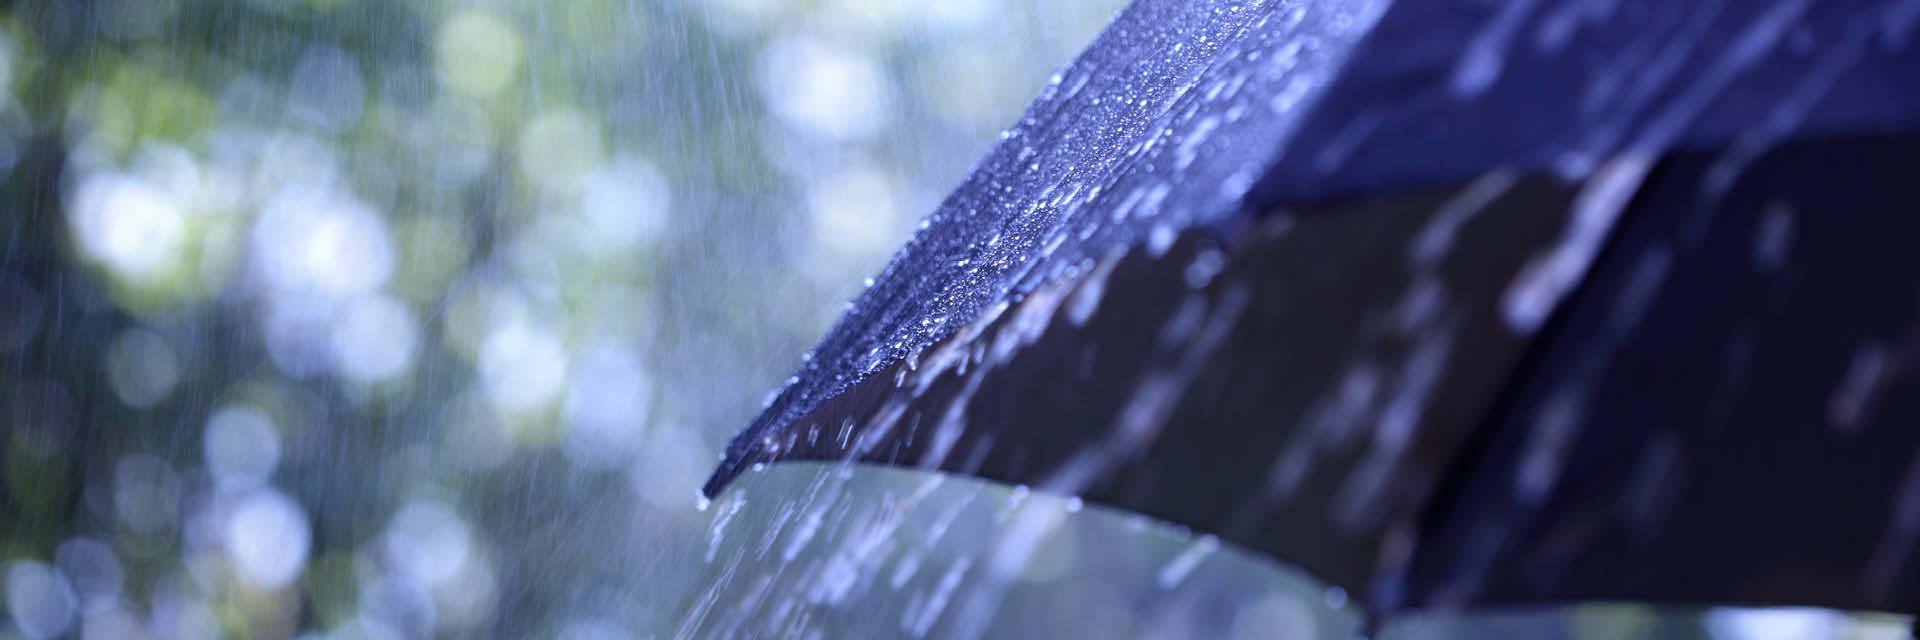 Tipps für Regen und Schnee!